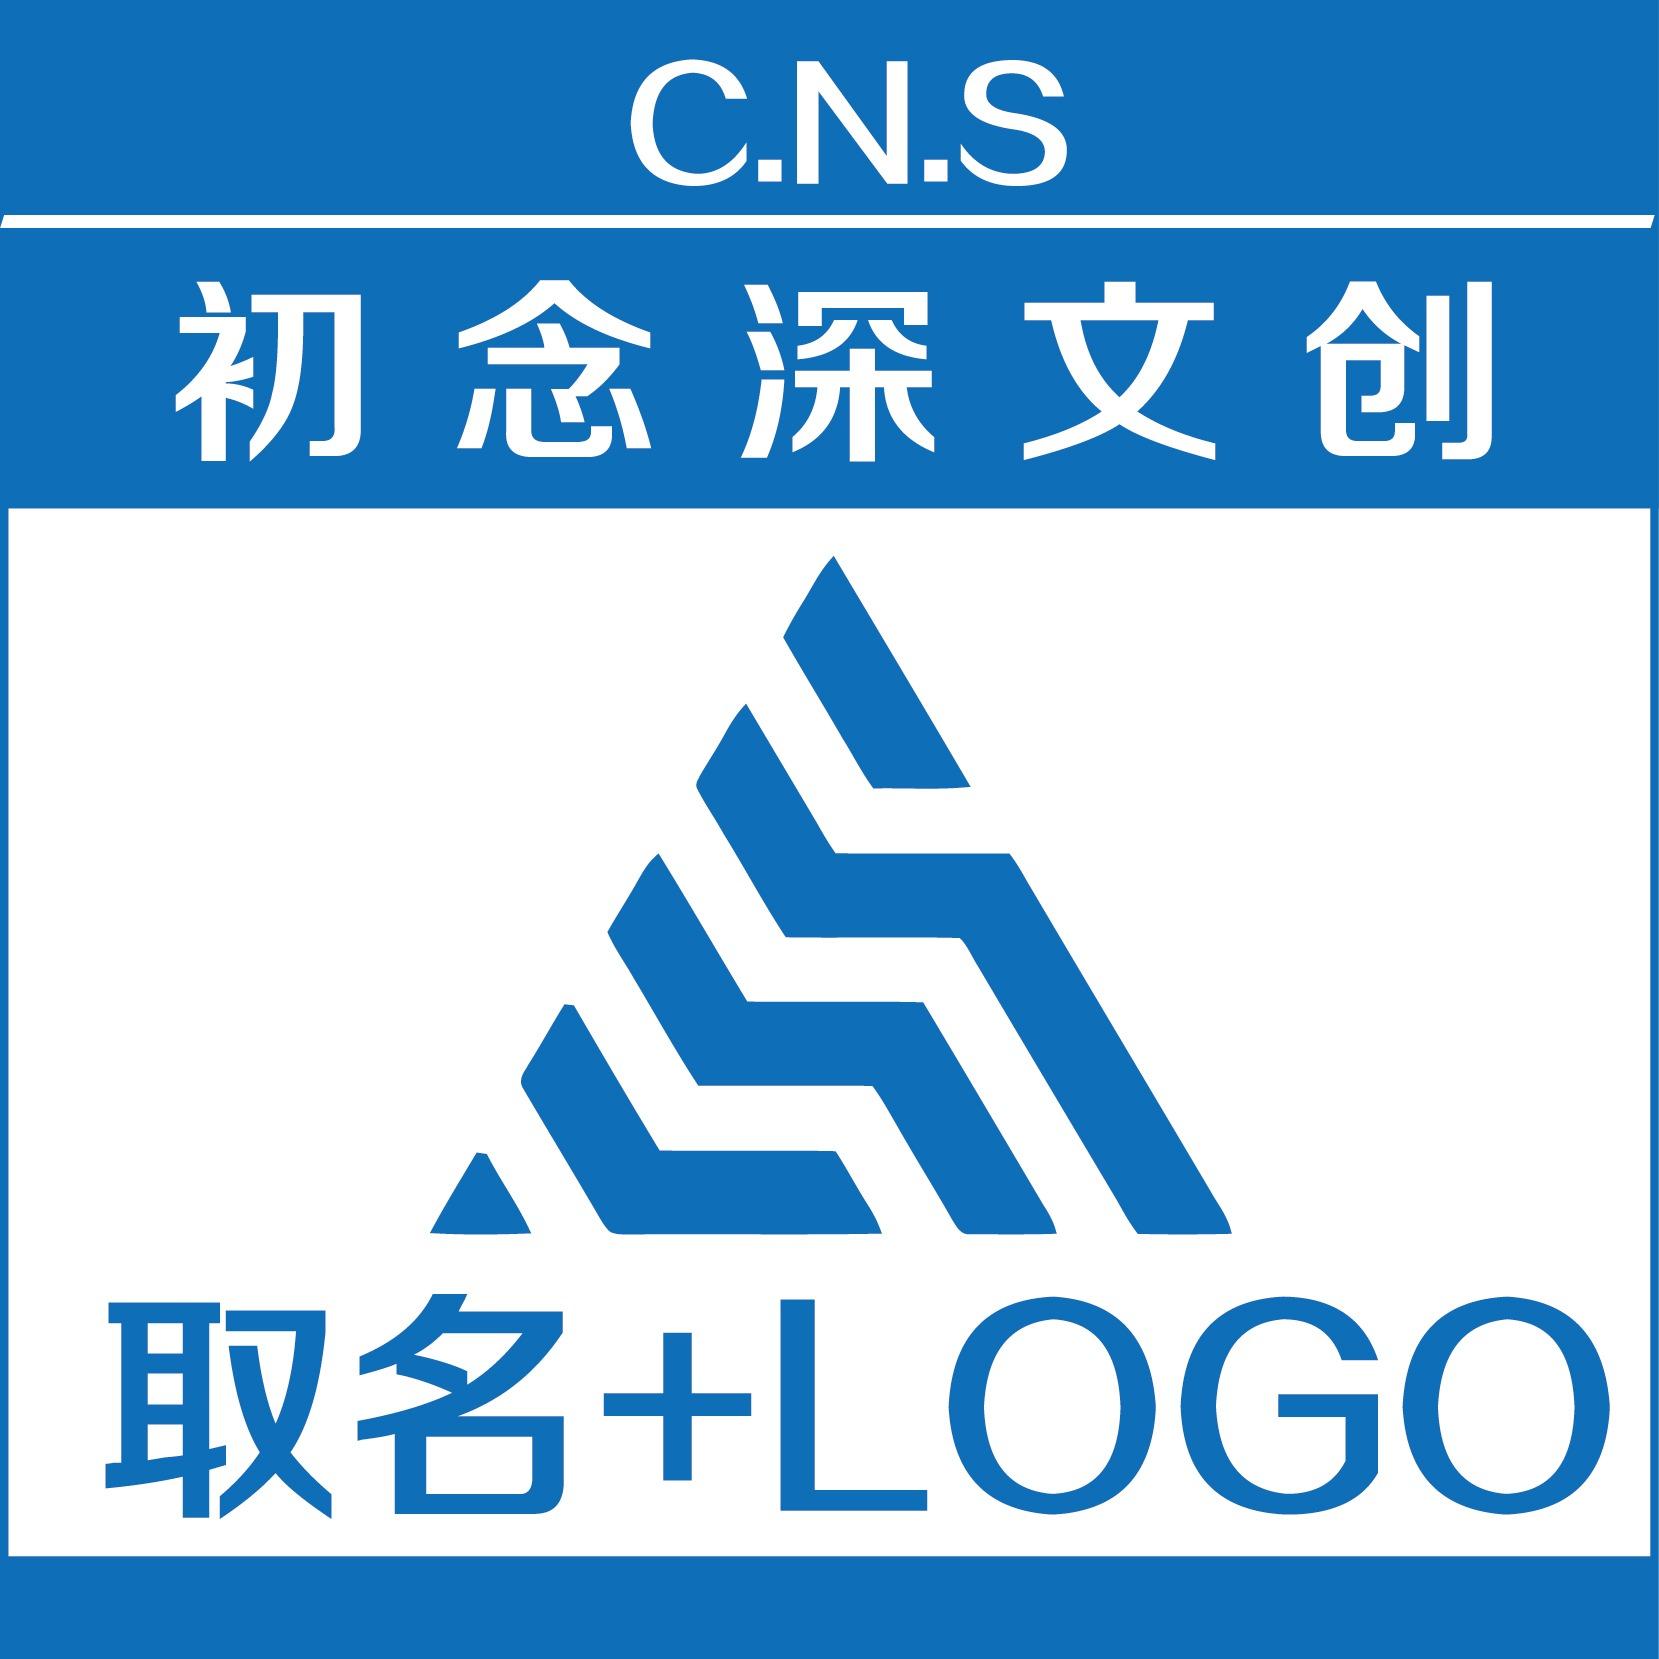 公司起名/品牌起名/产品取名公司/商标店铺名字+LOGO设计